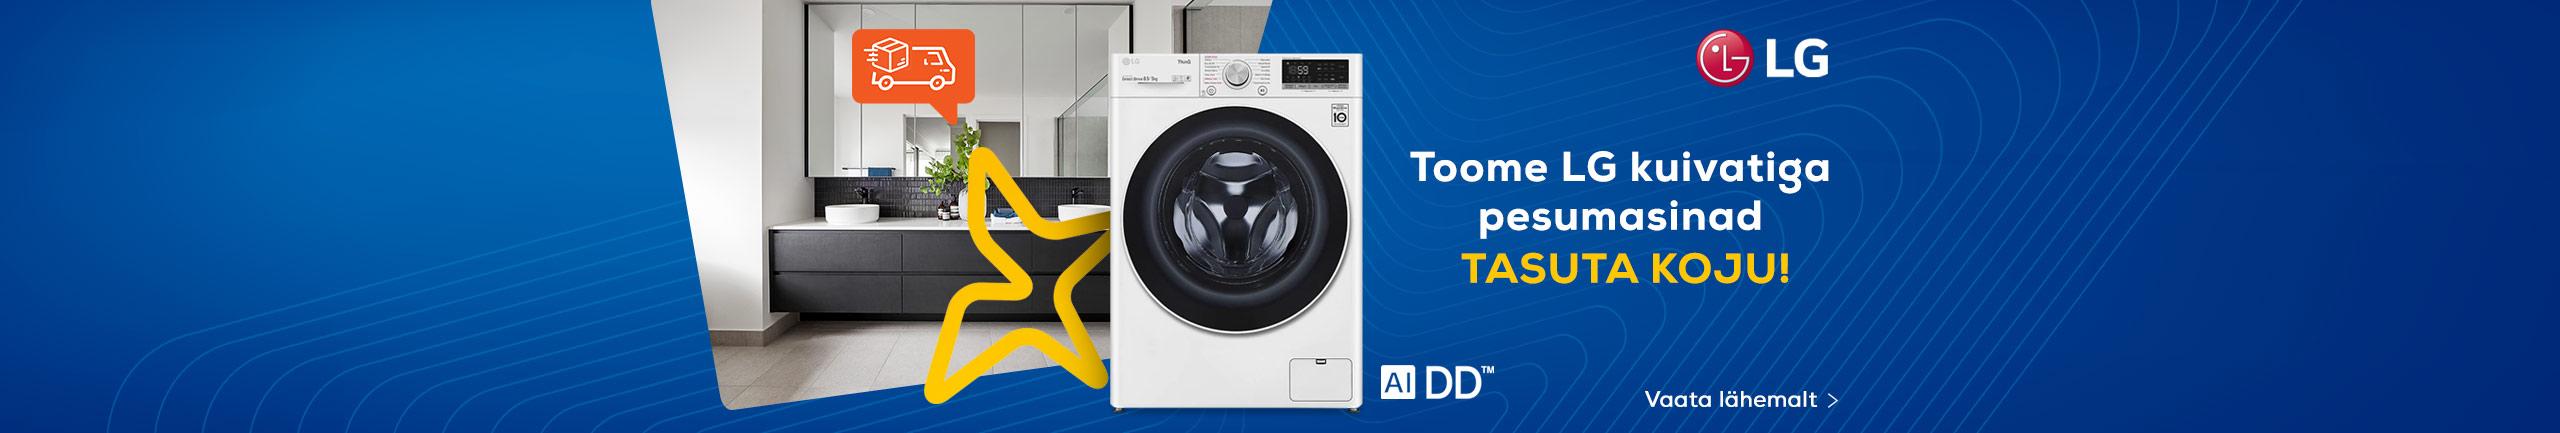 Toome LG kuivatiga pesumasinad tasuta koju!